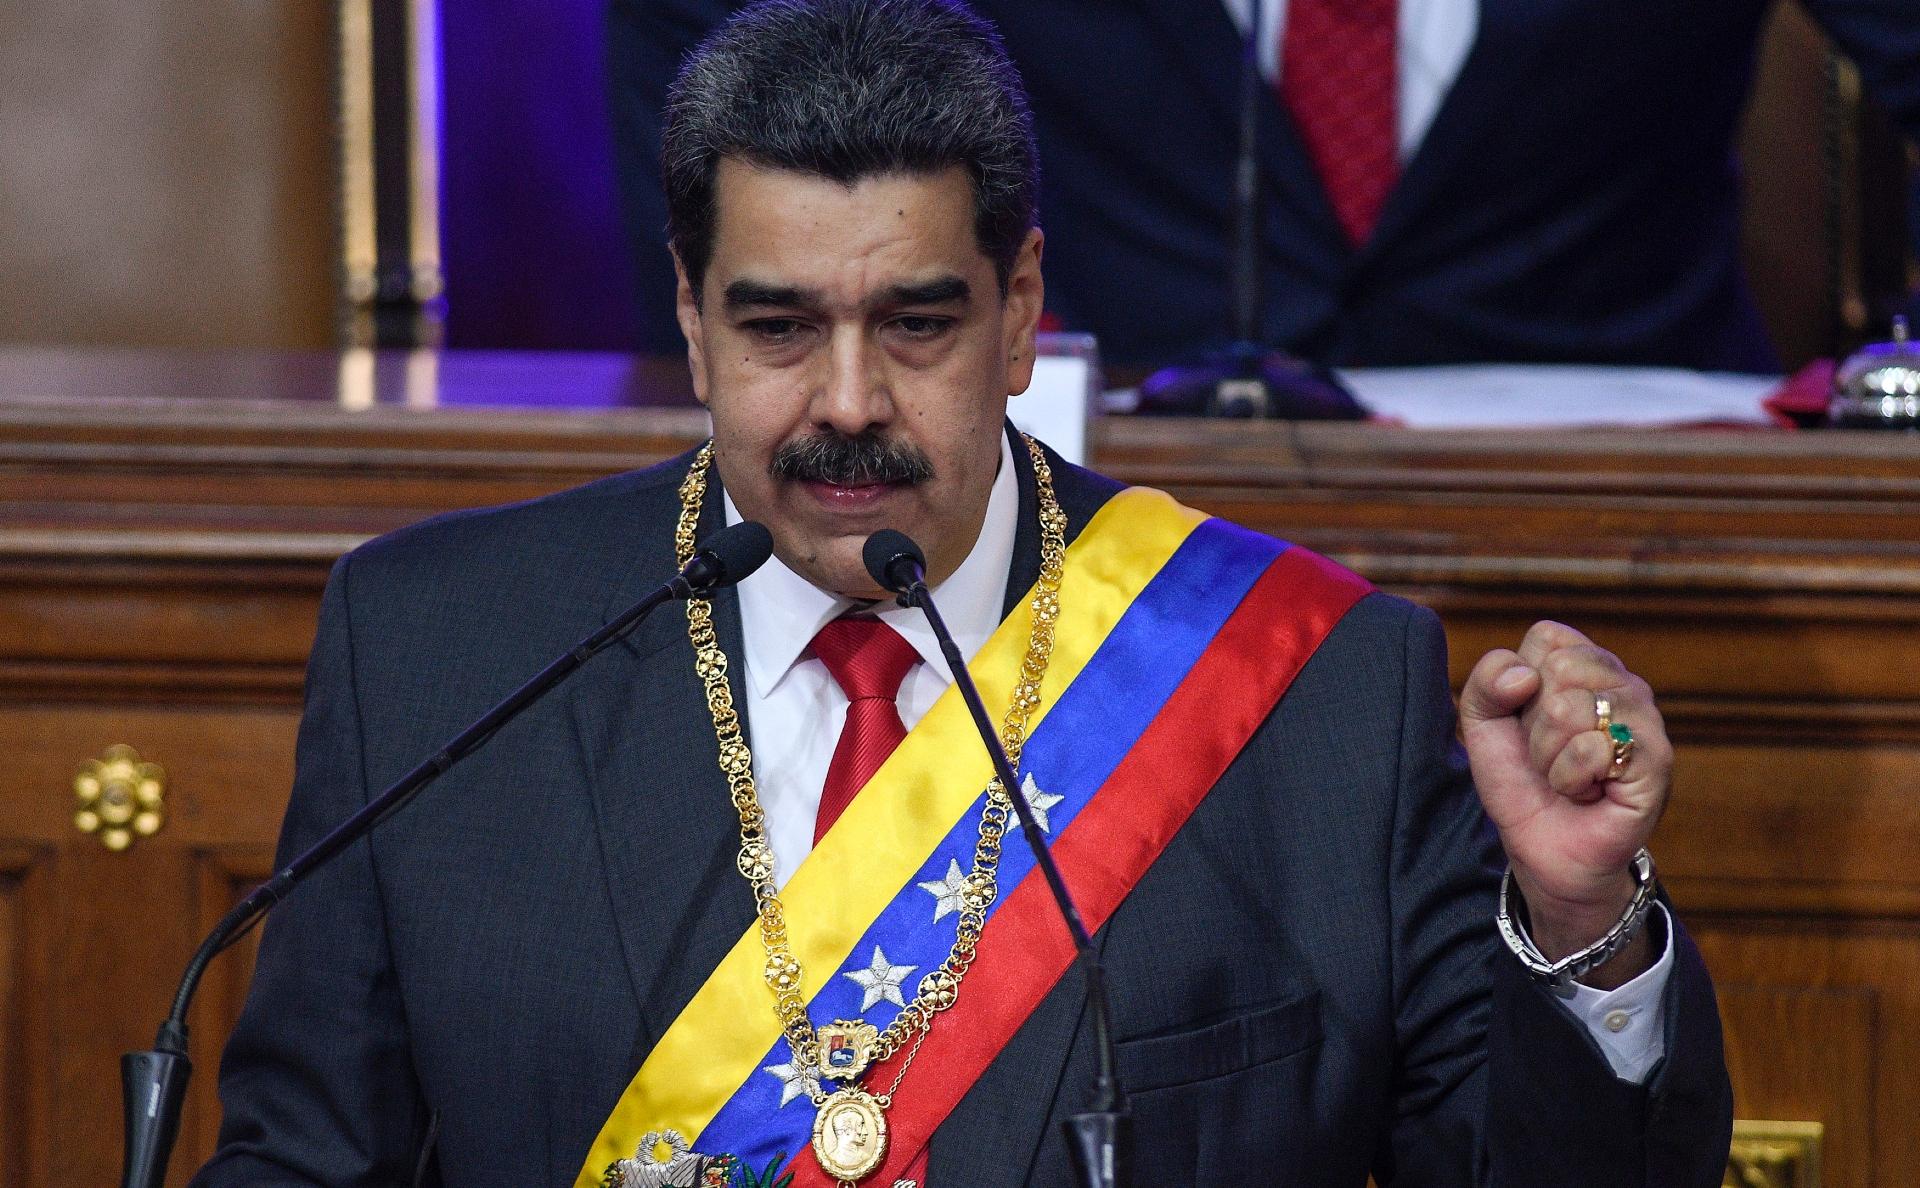 Мадуро заявил, что Венесуэла всегда готова начать диалог с администрацией США